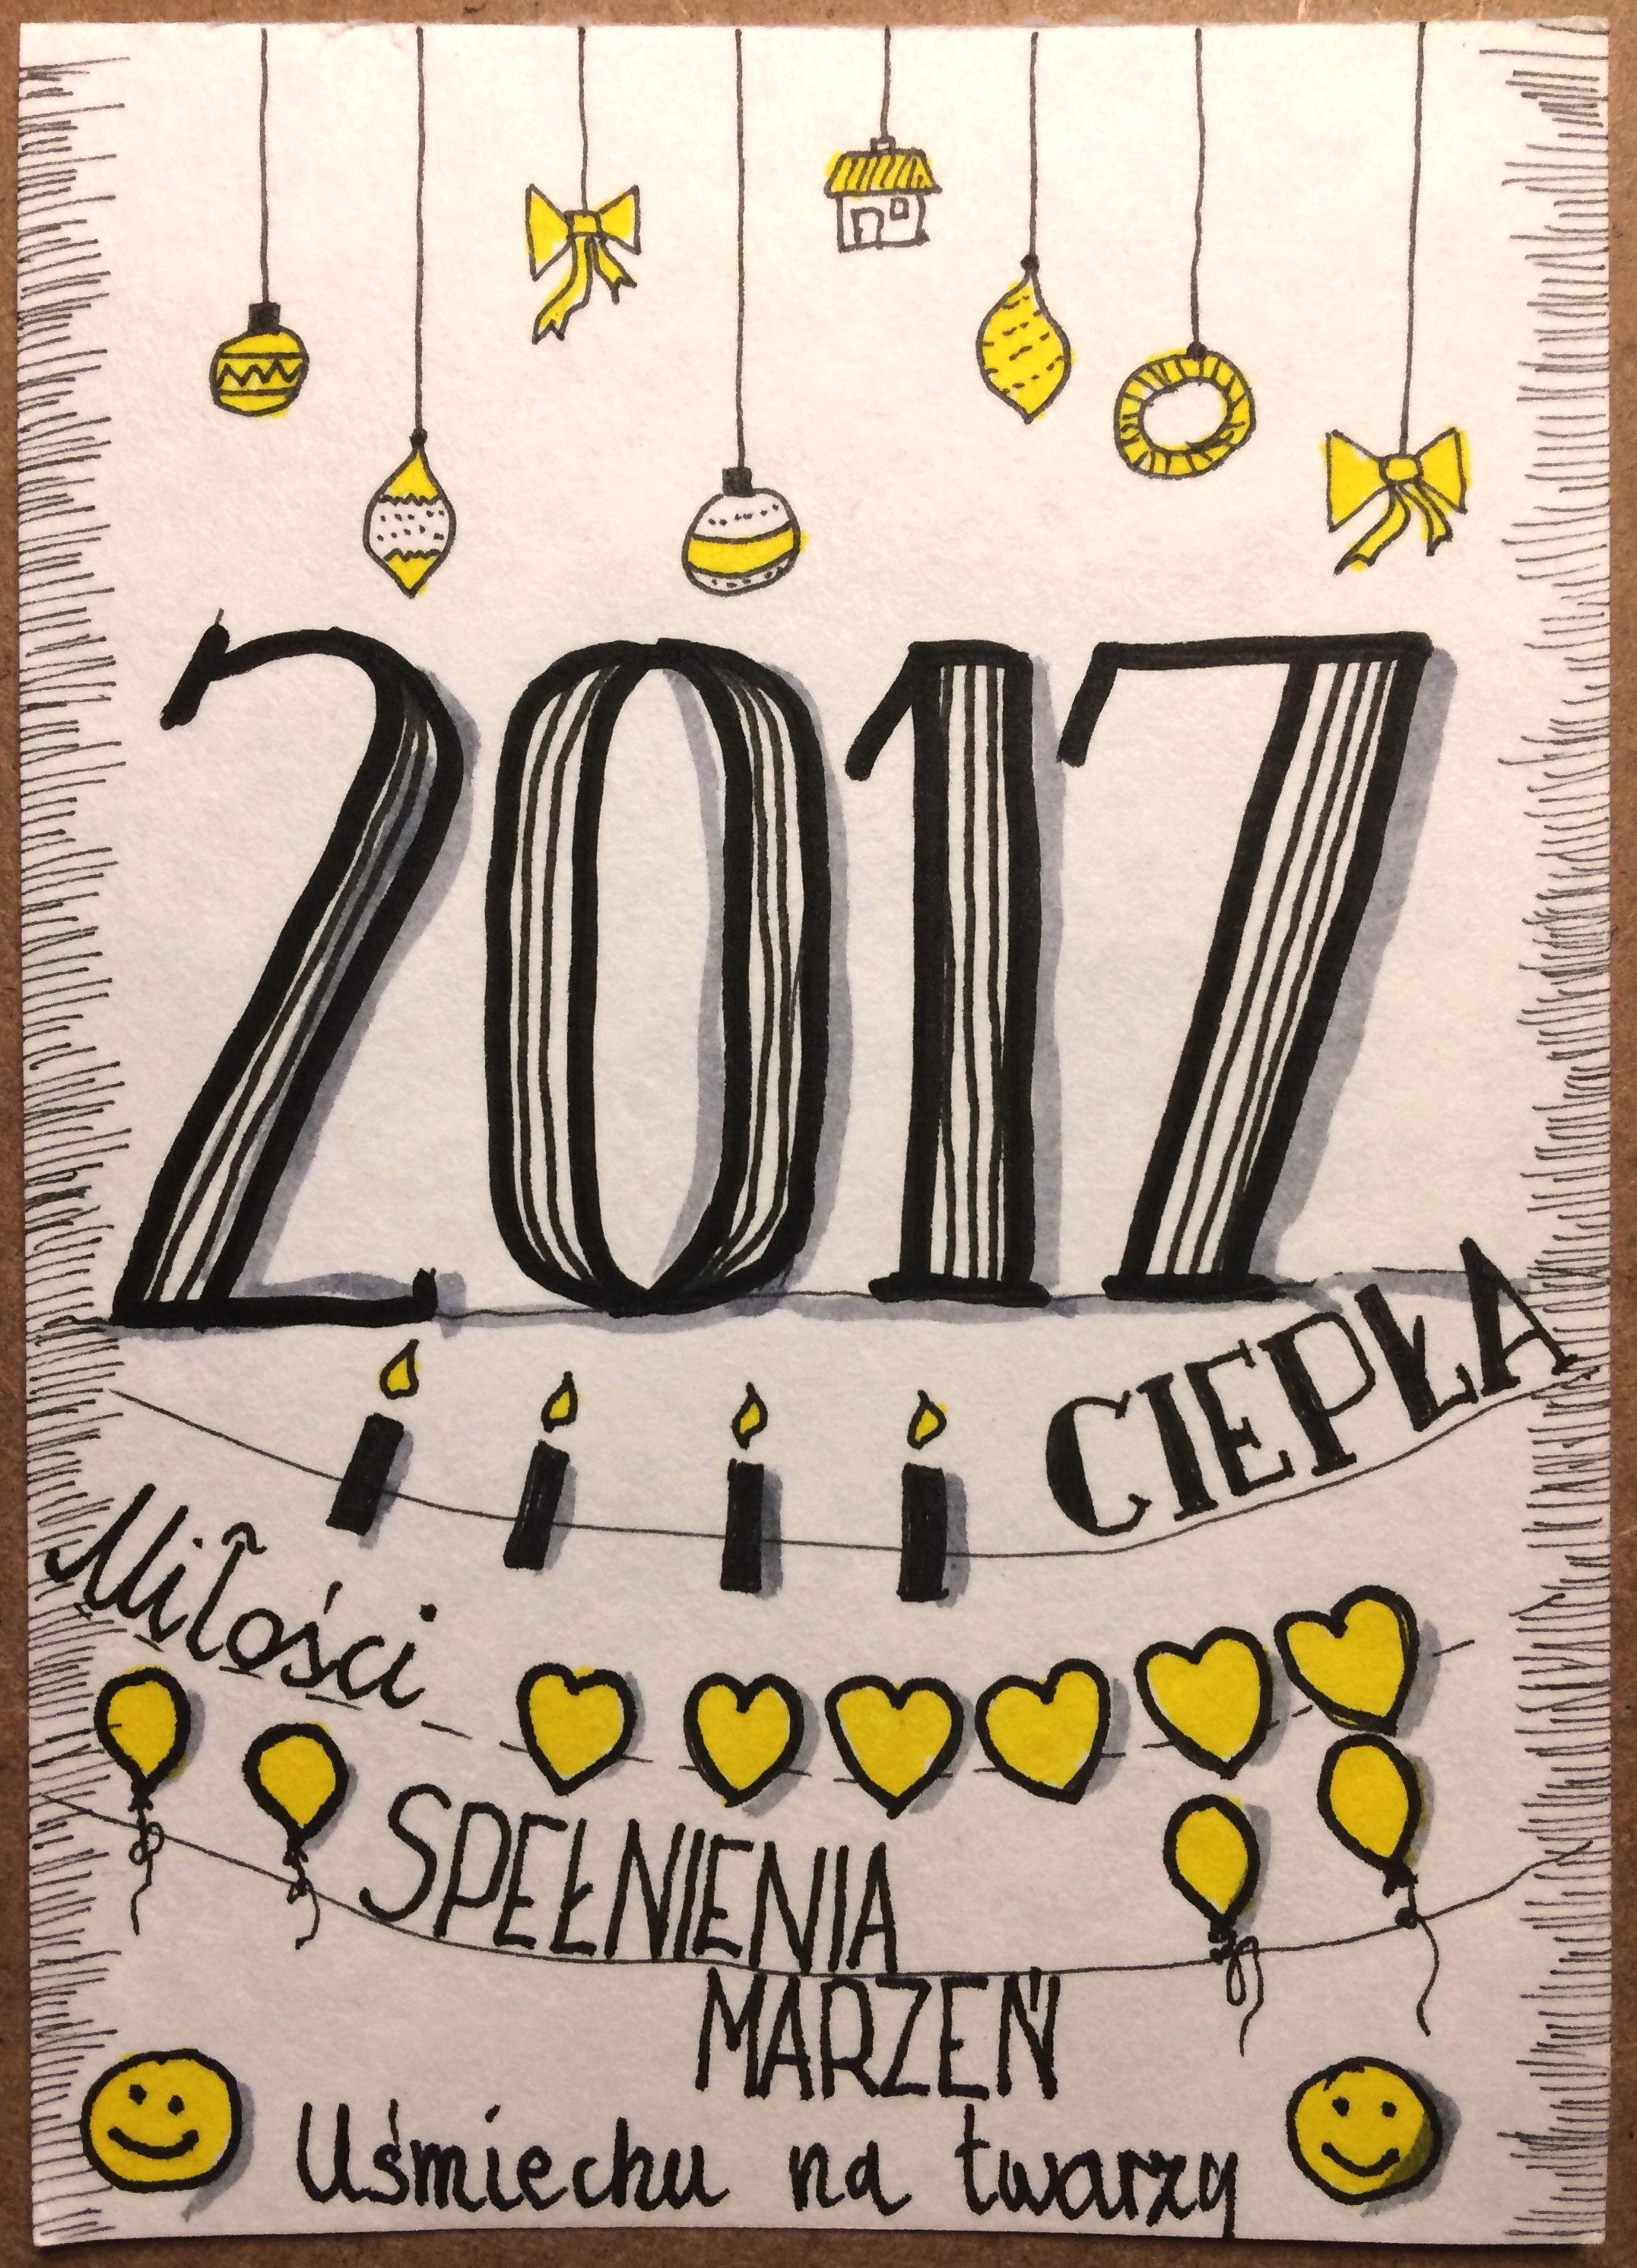 Życzenia noworoczne 2017 sketchnoting